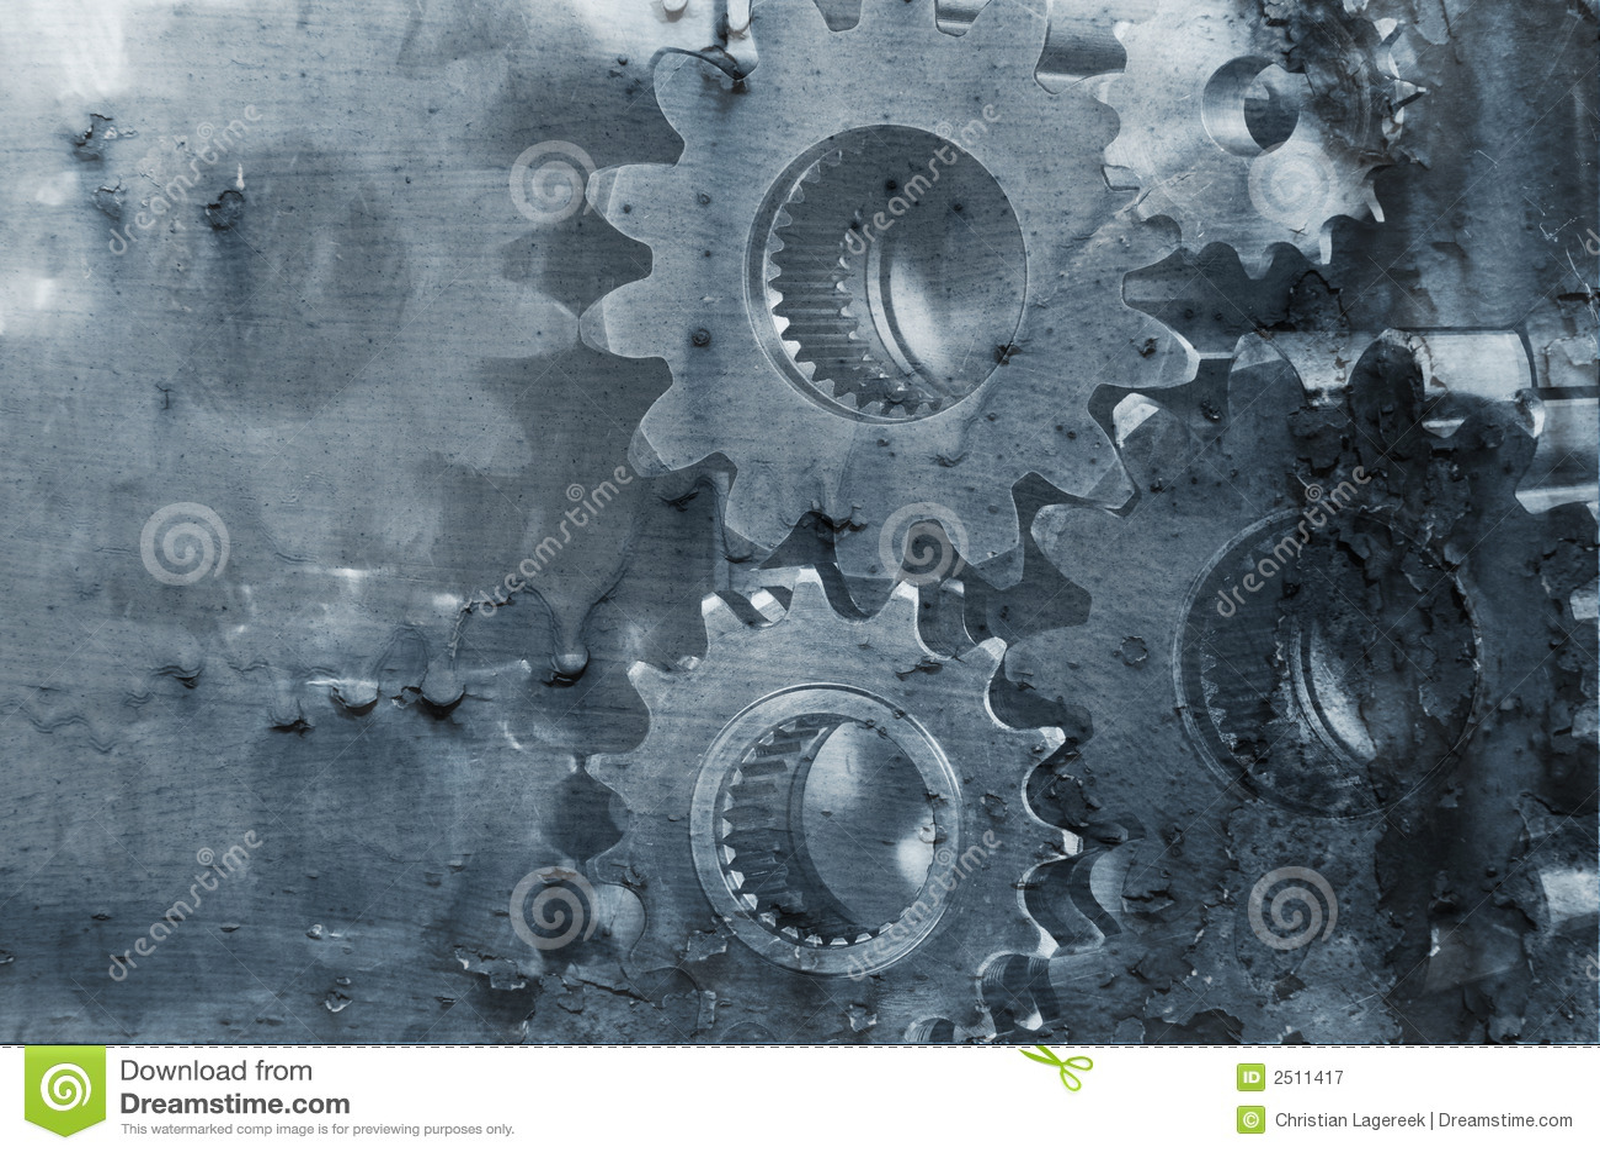 Bieg abstrakcyjna maszyny